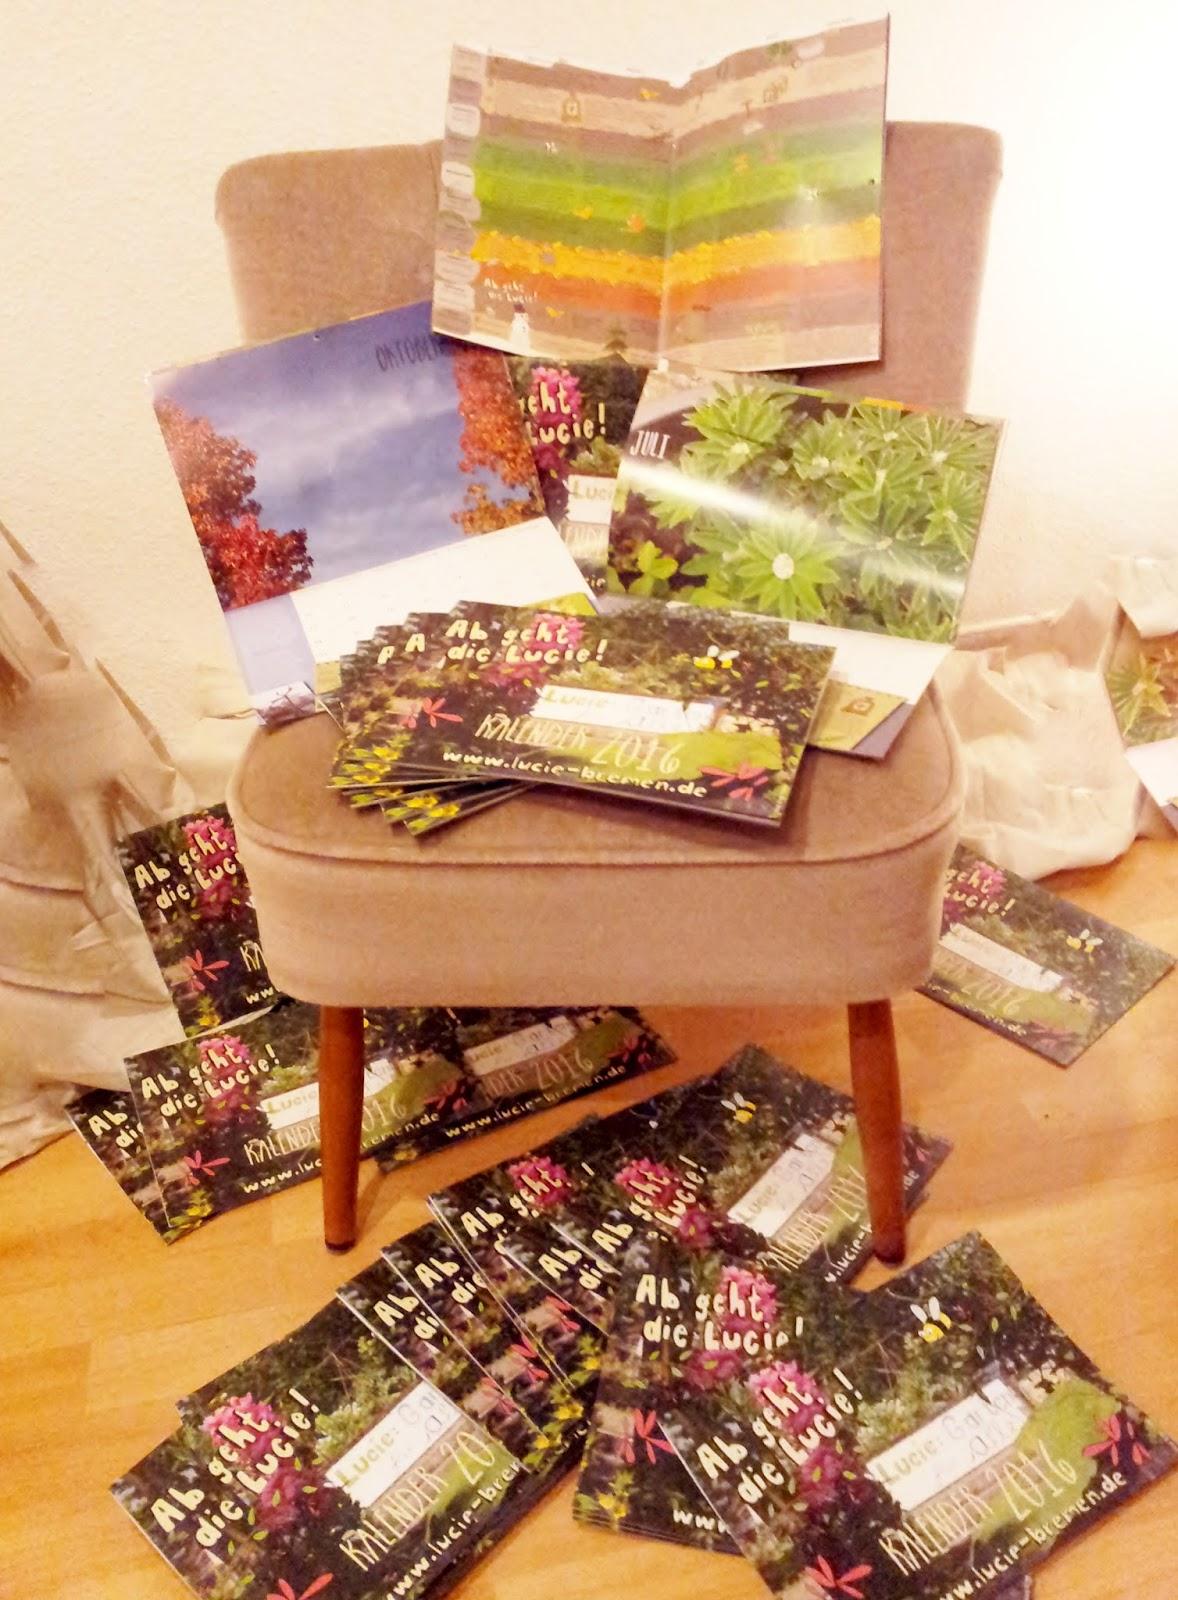 Ab geht die Lucie!: Lucies Weihnachtsgeschenke